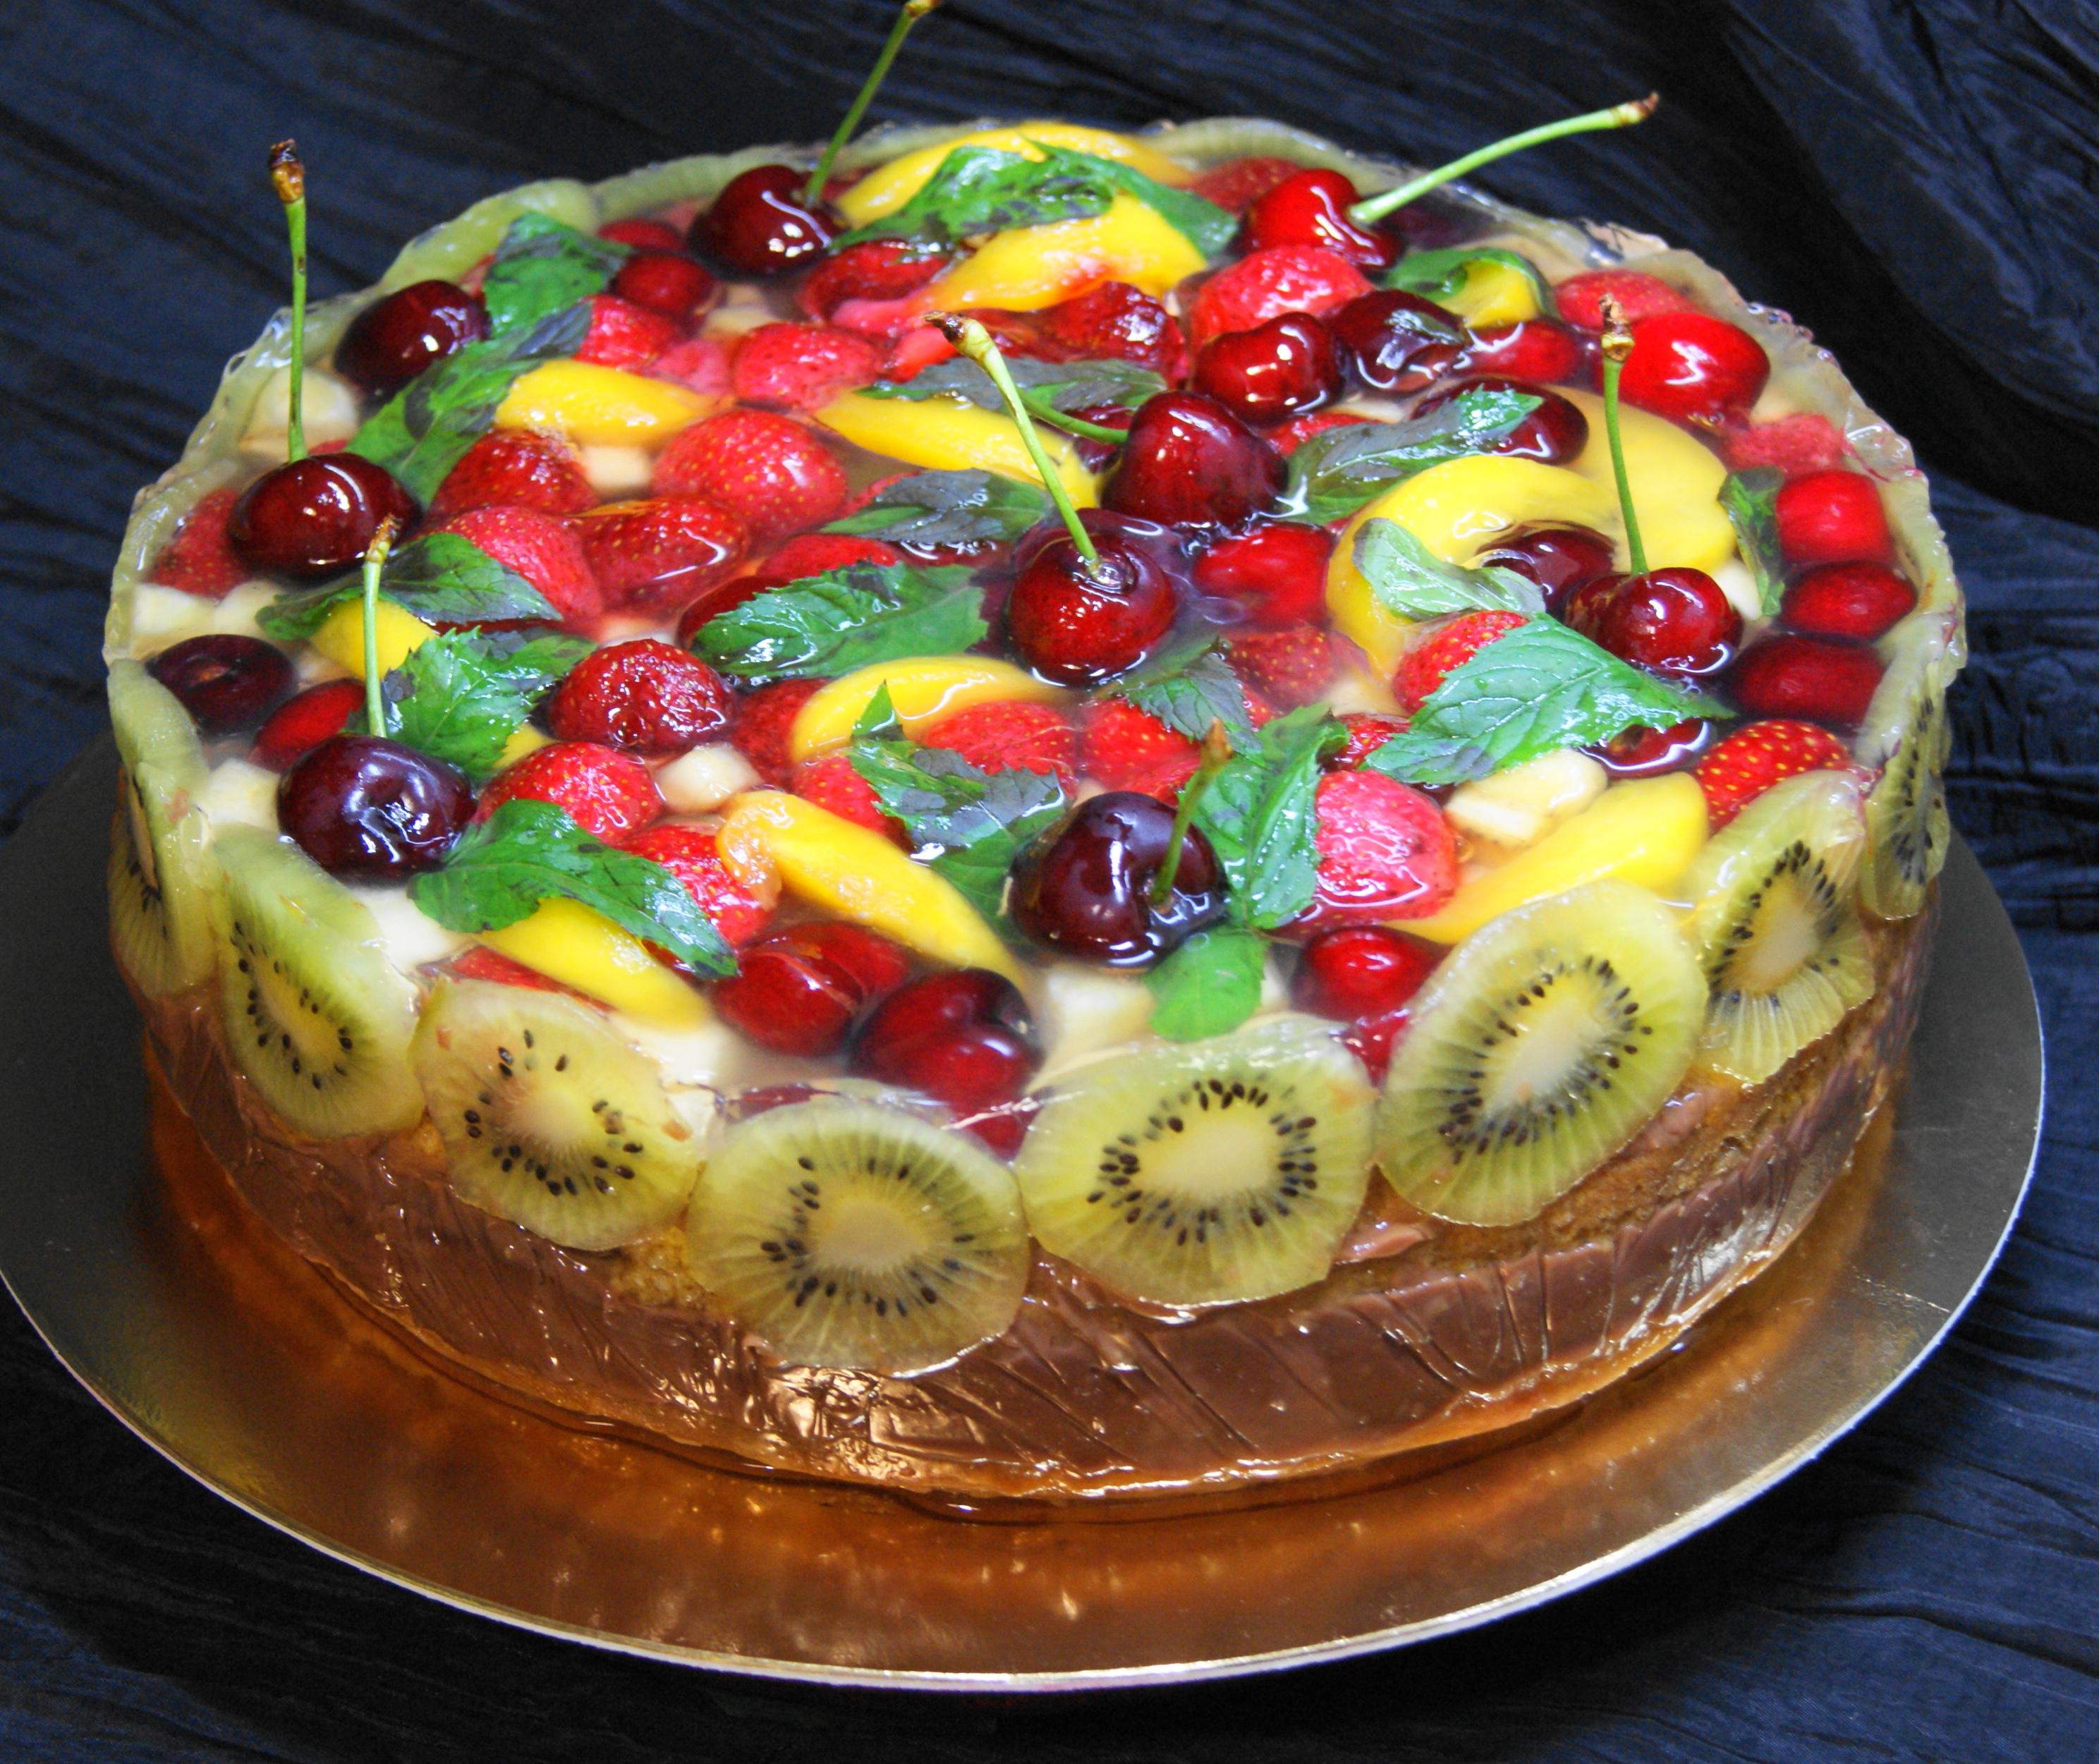 Необыкновенно красивые и весьма низкокалорийные торты с желе можно подавать по любому поводу (или без него) в любое время года.